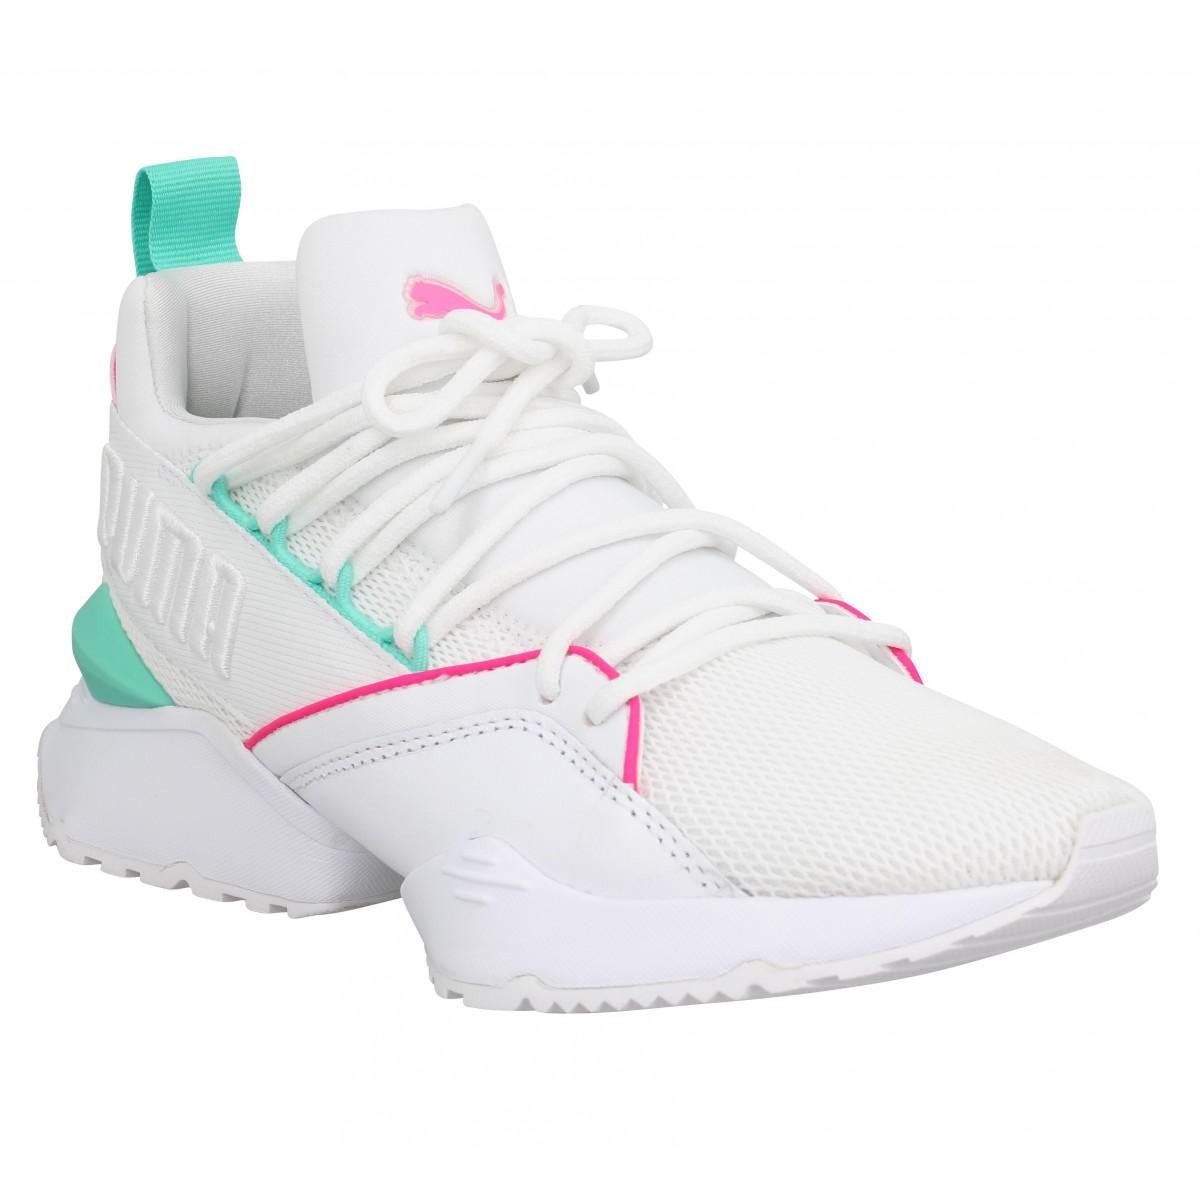 puma chaussures blanche femmes